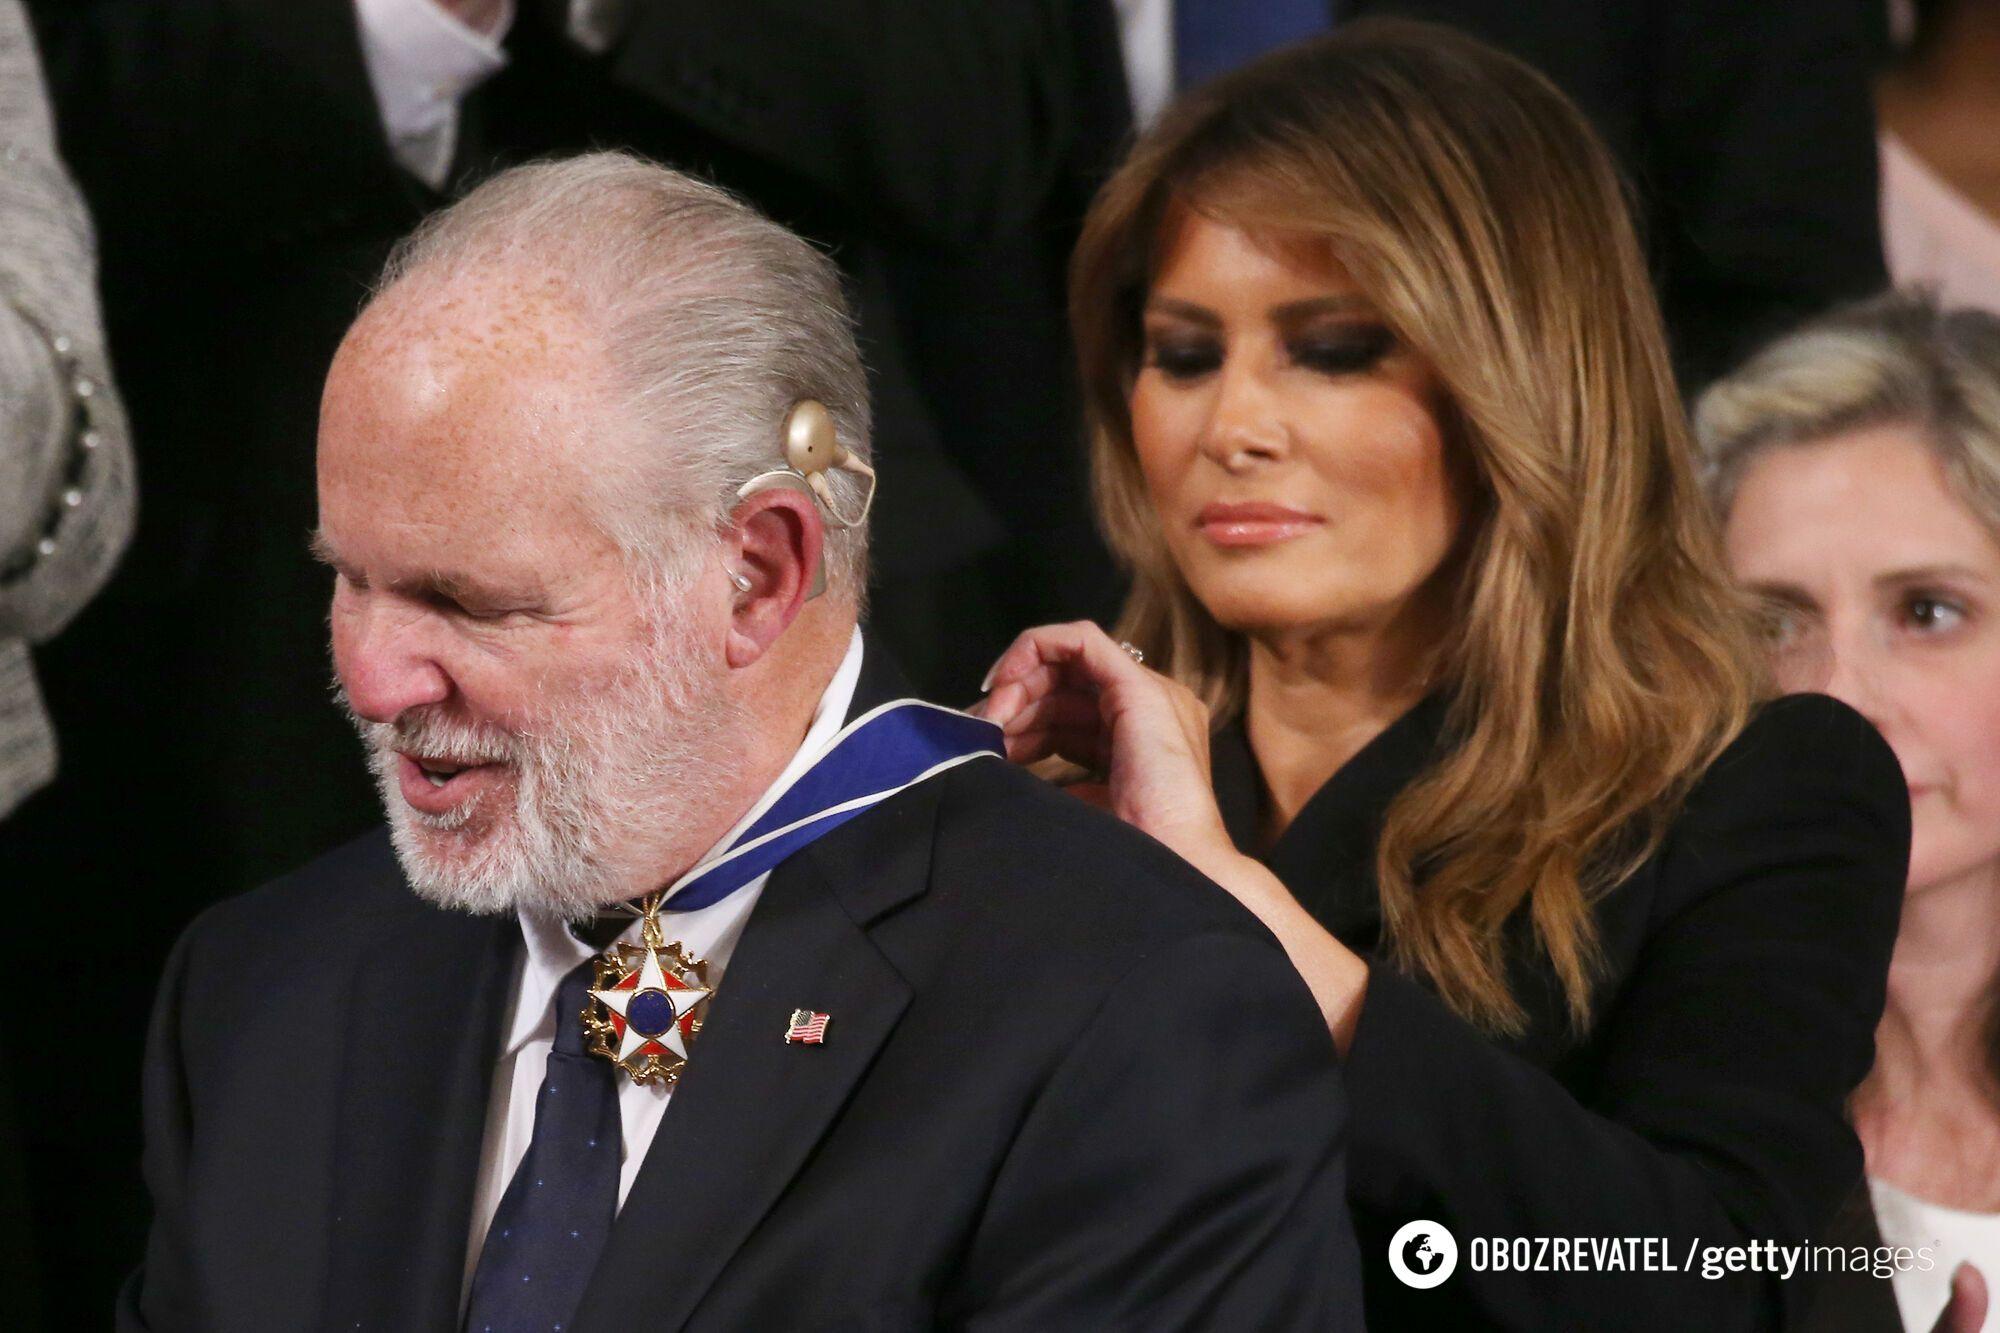 Мелания Трамп вручает радиоведущему Рашу Лимбо президентскую медаль свободы во время обращения к Государству Союза в зале Палаты представителей США 4 февраля 2020 года, Вашингтон